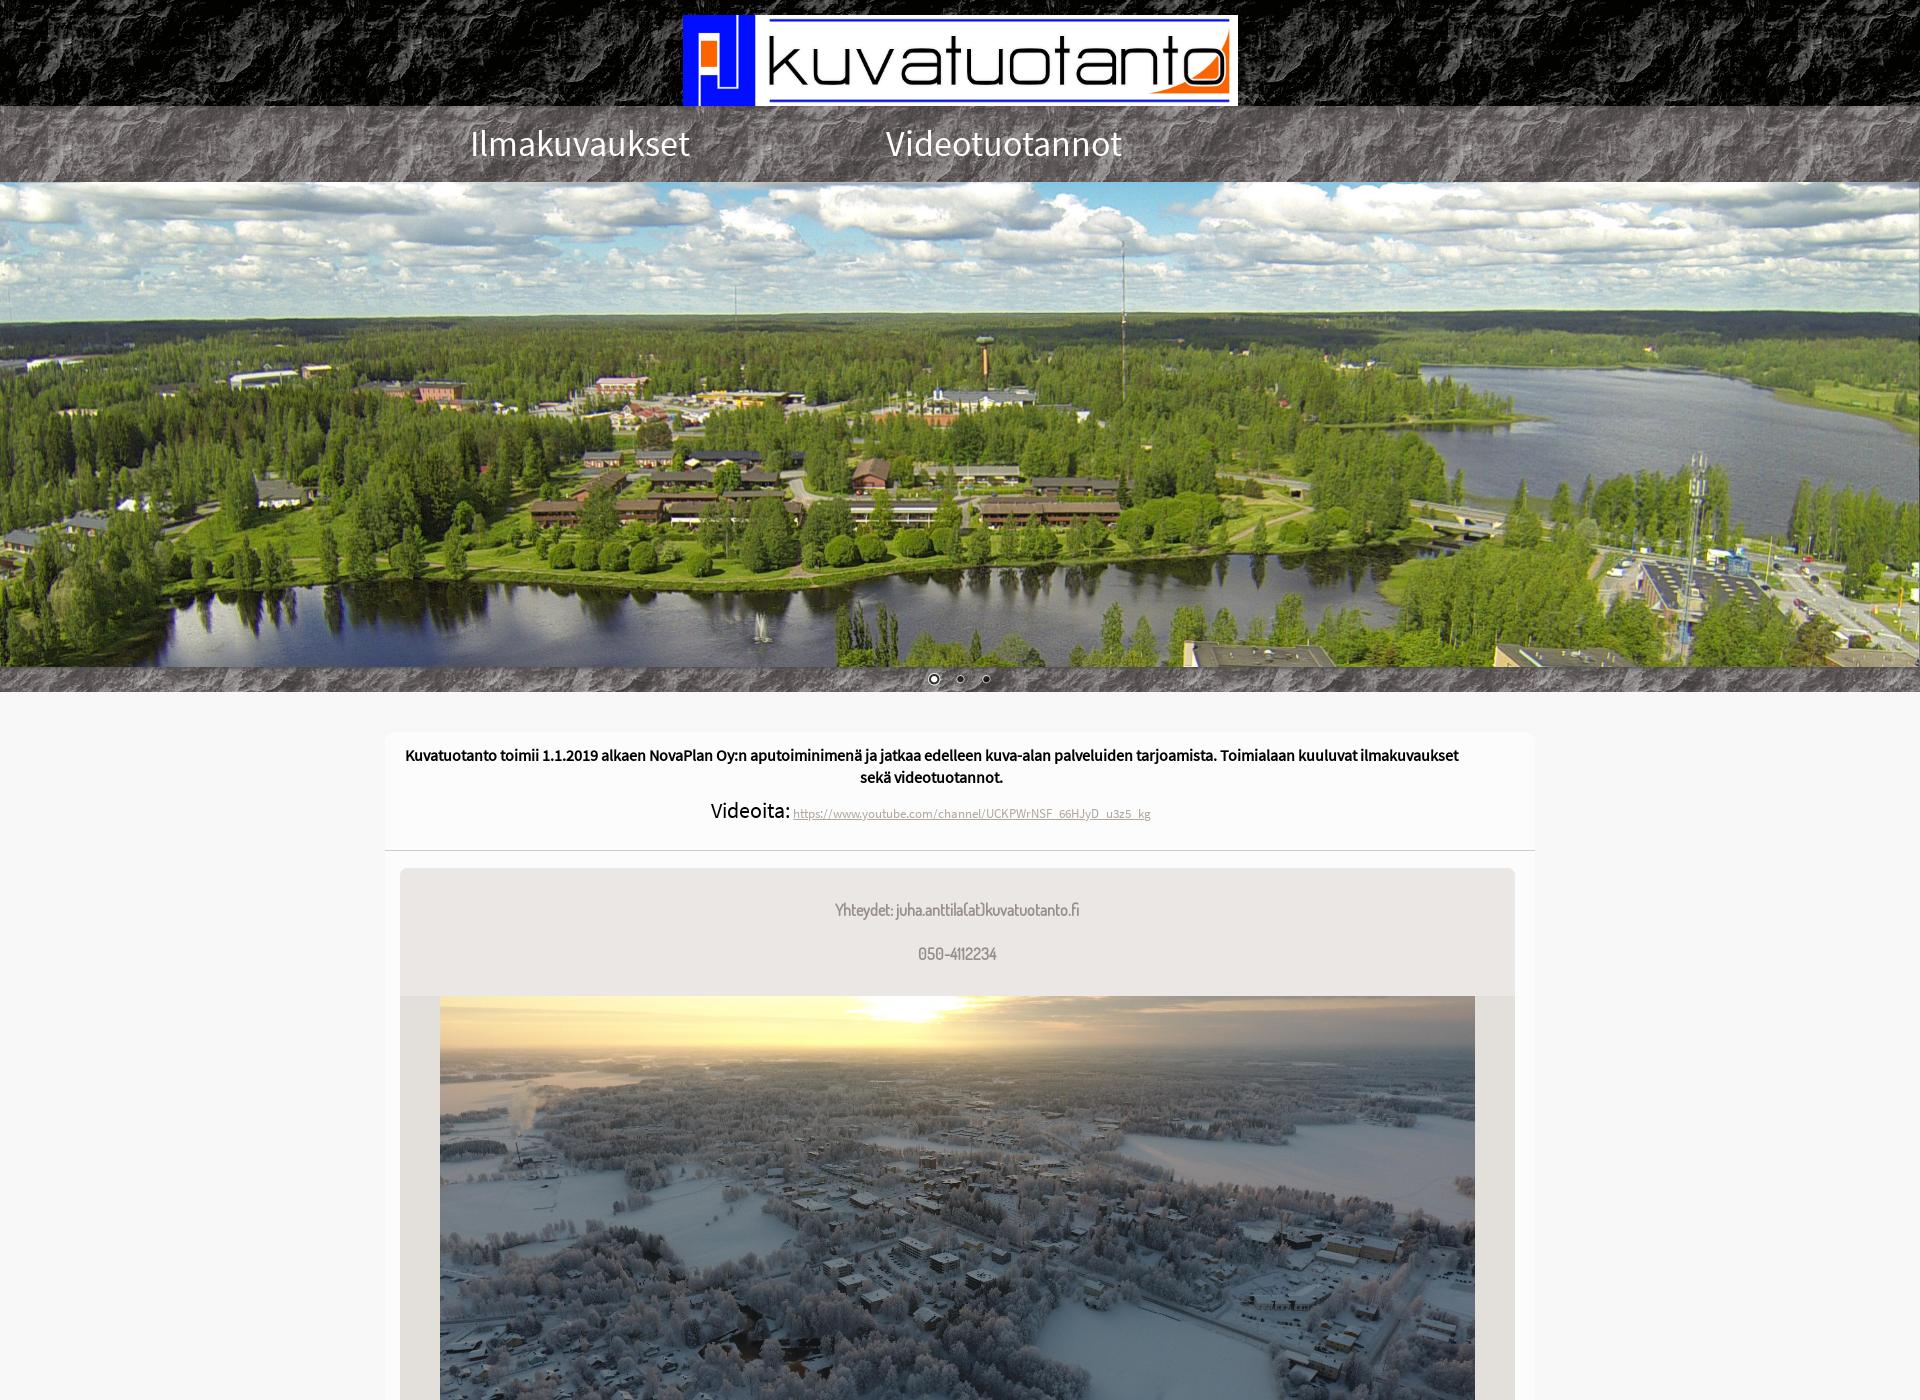 Screenshot for kuvatuotanto.fi